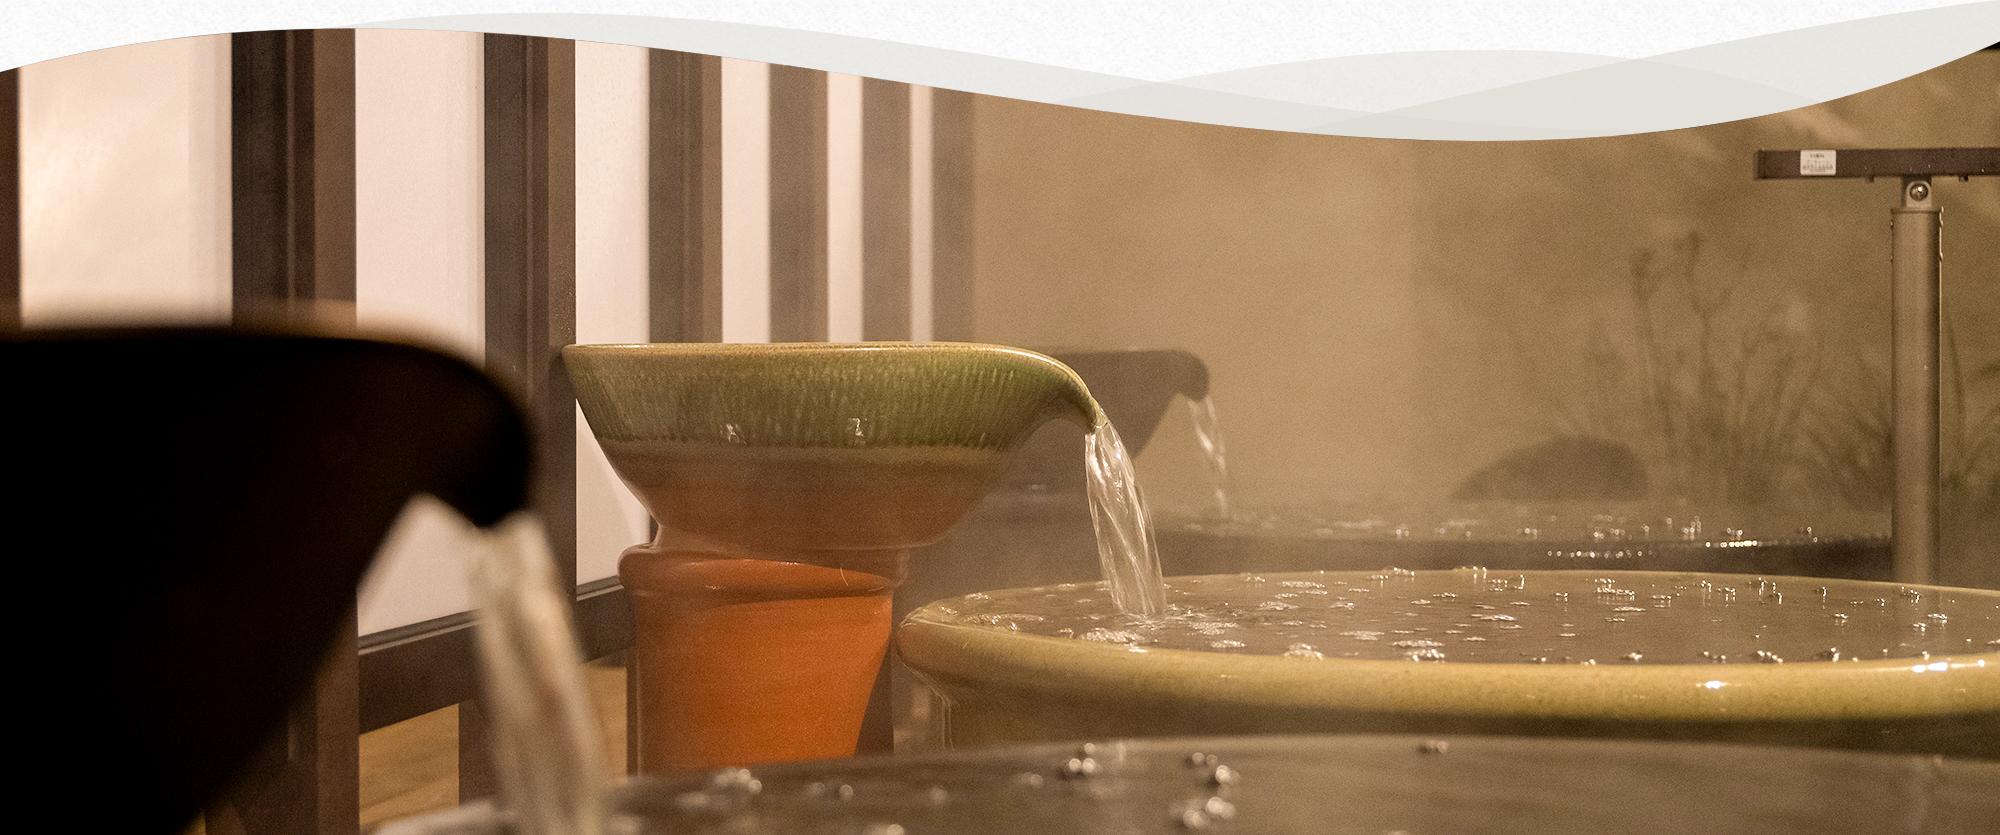 ぬくい温泉 温泉施設写真